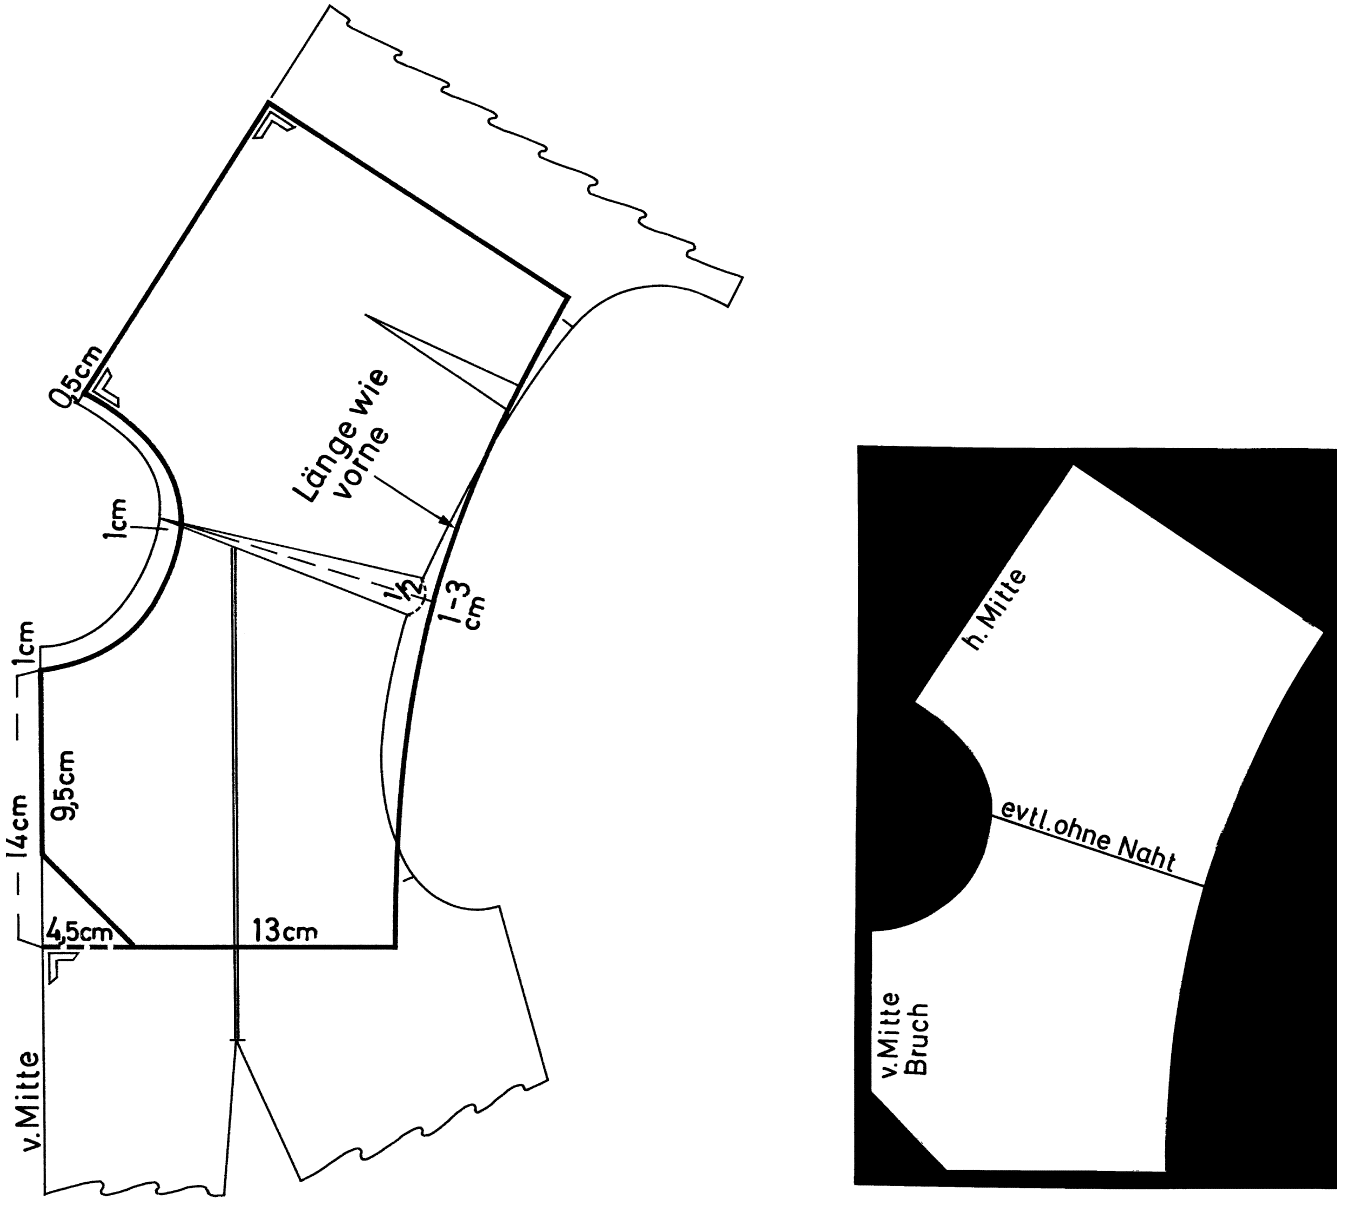 Abgebildet ist die Schnitt-Technik eines Garniturkragens inklusive fertige Schnittteile.